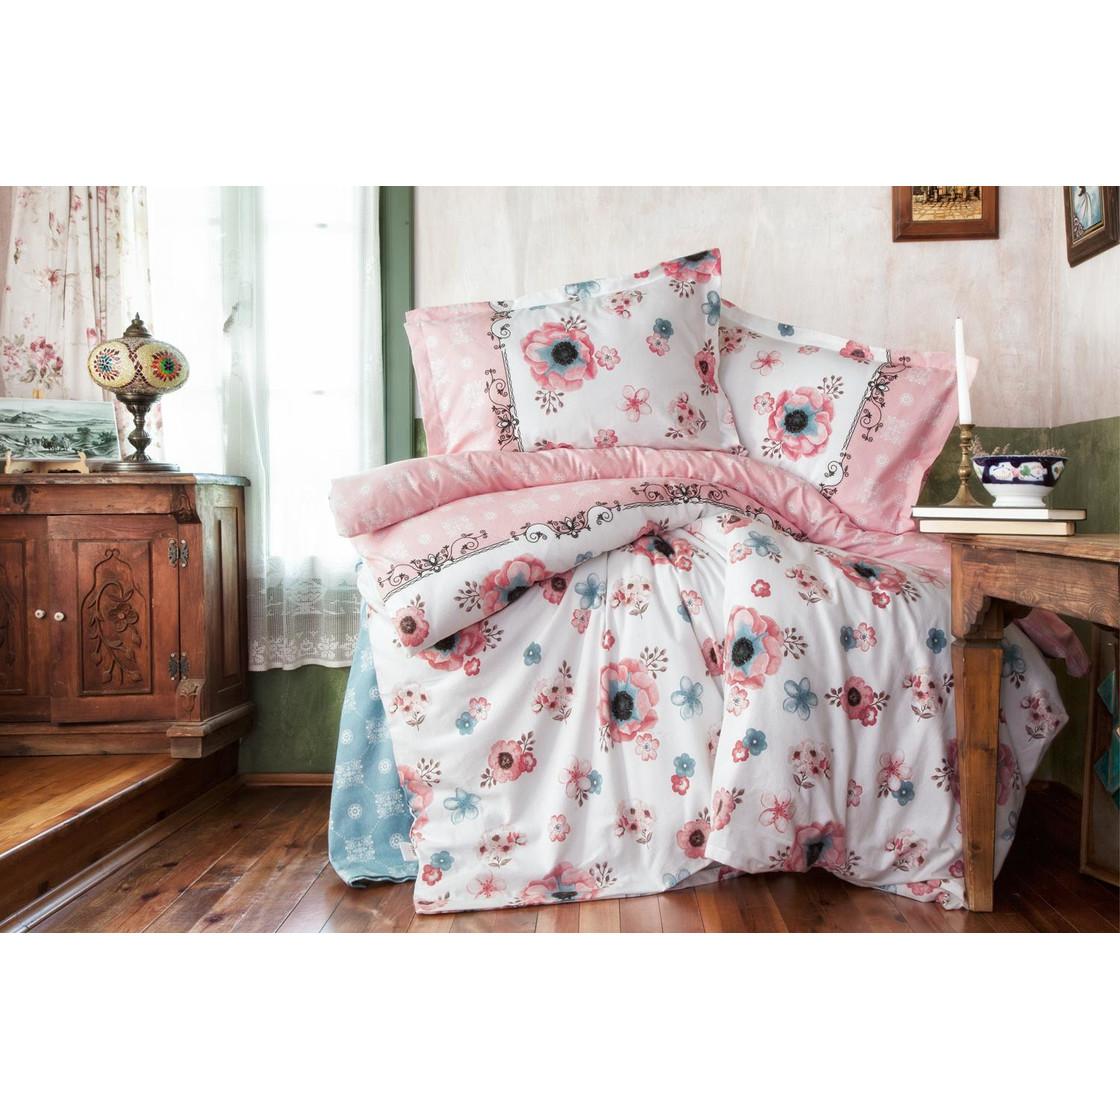 Full Size of Flanell Winter Bettwsche 155x220 Cm Lir 100 Baumwolle Mit Bettwäsche Sprüche Wohnzimmer Bettwäsche 155x220